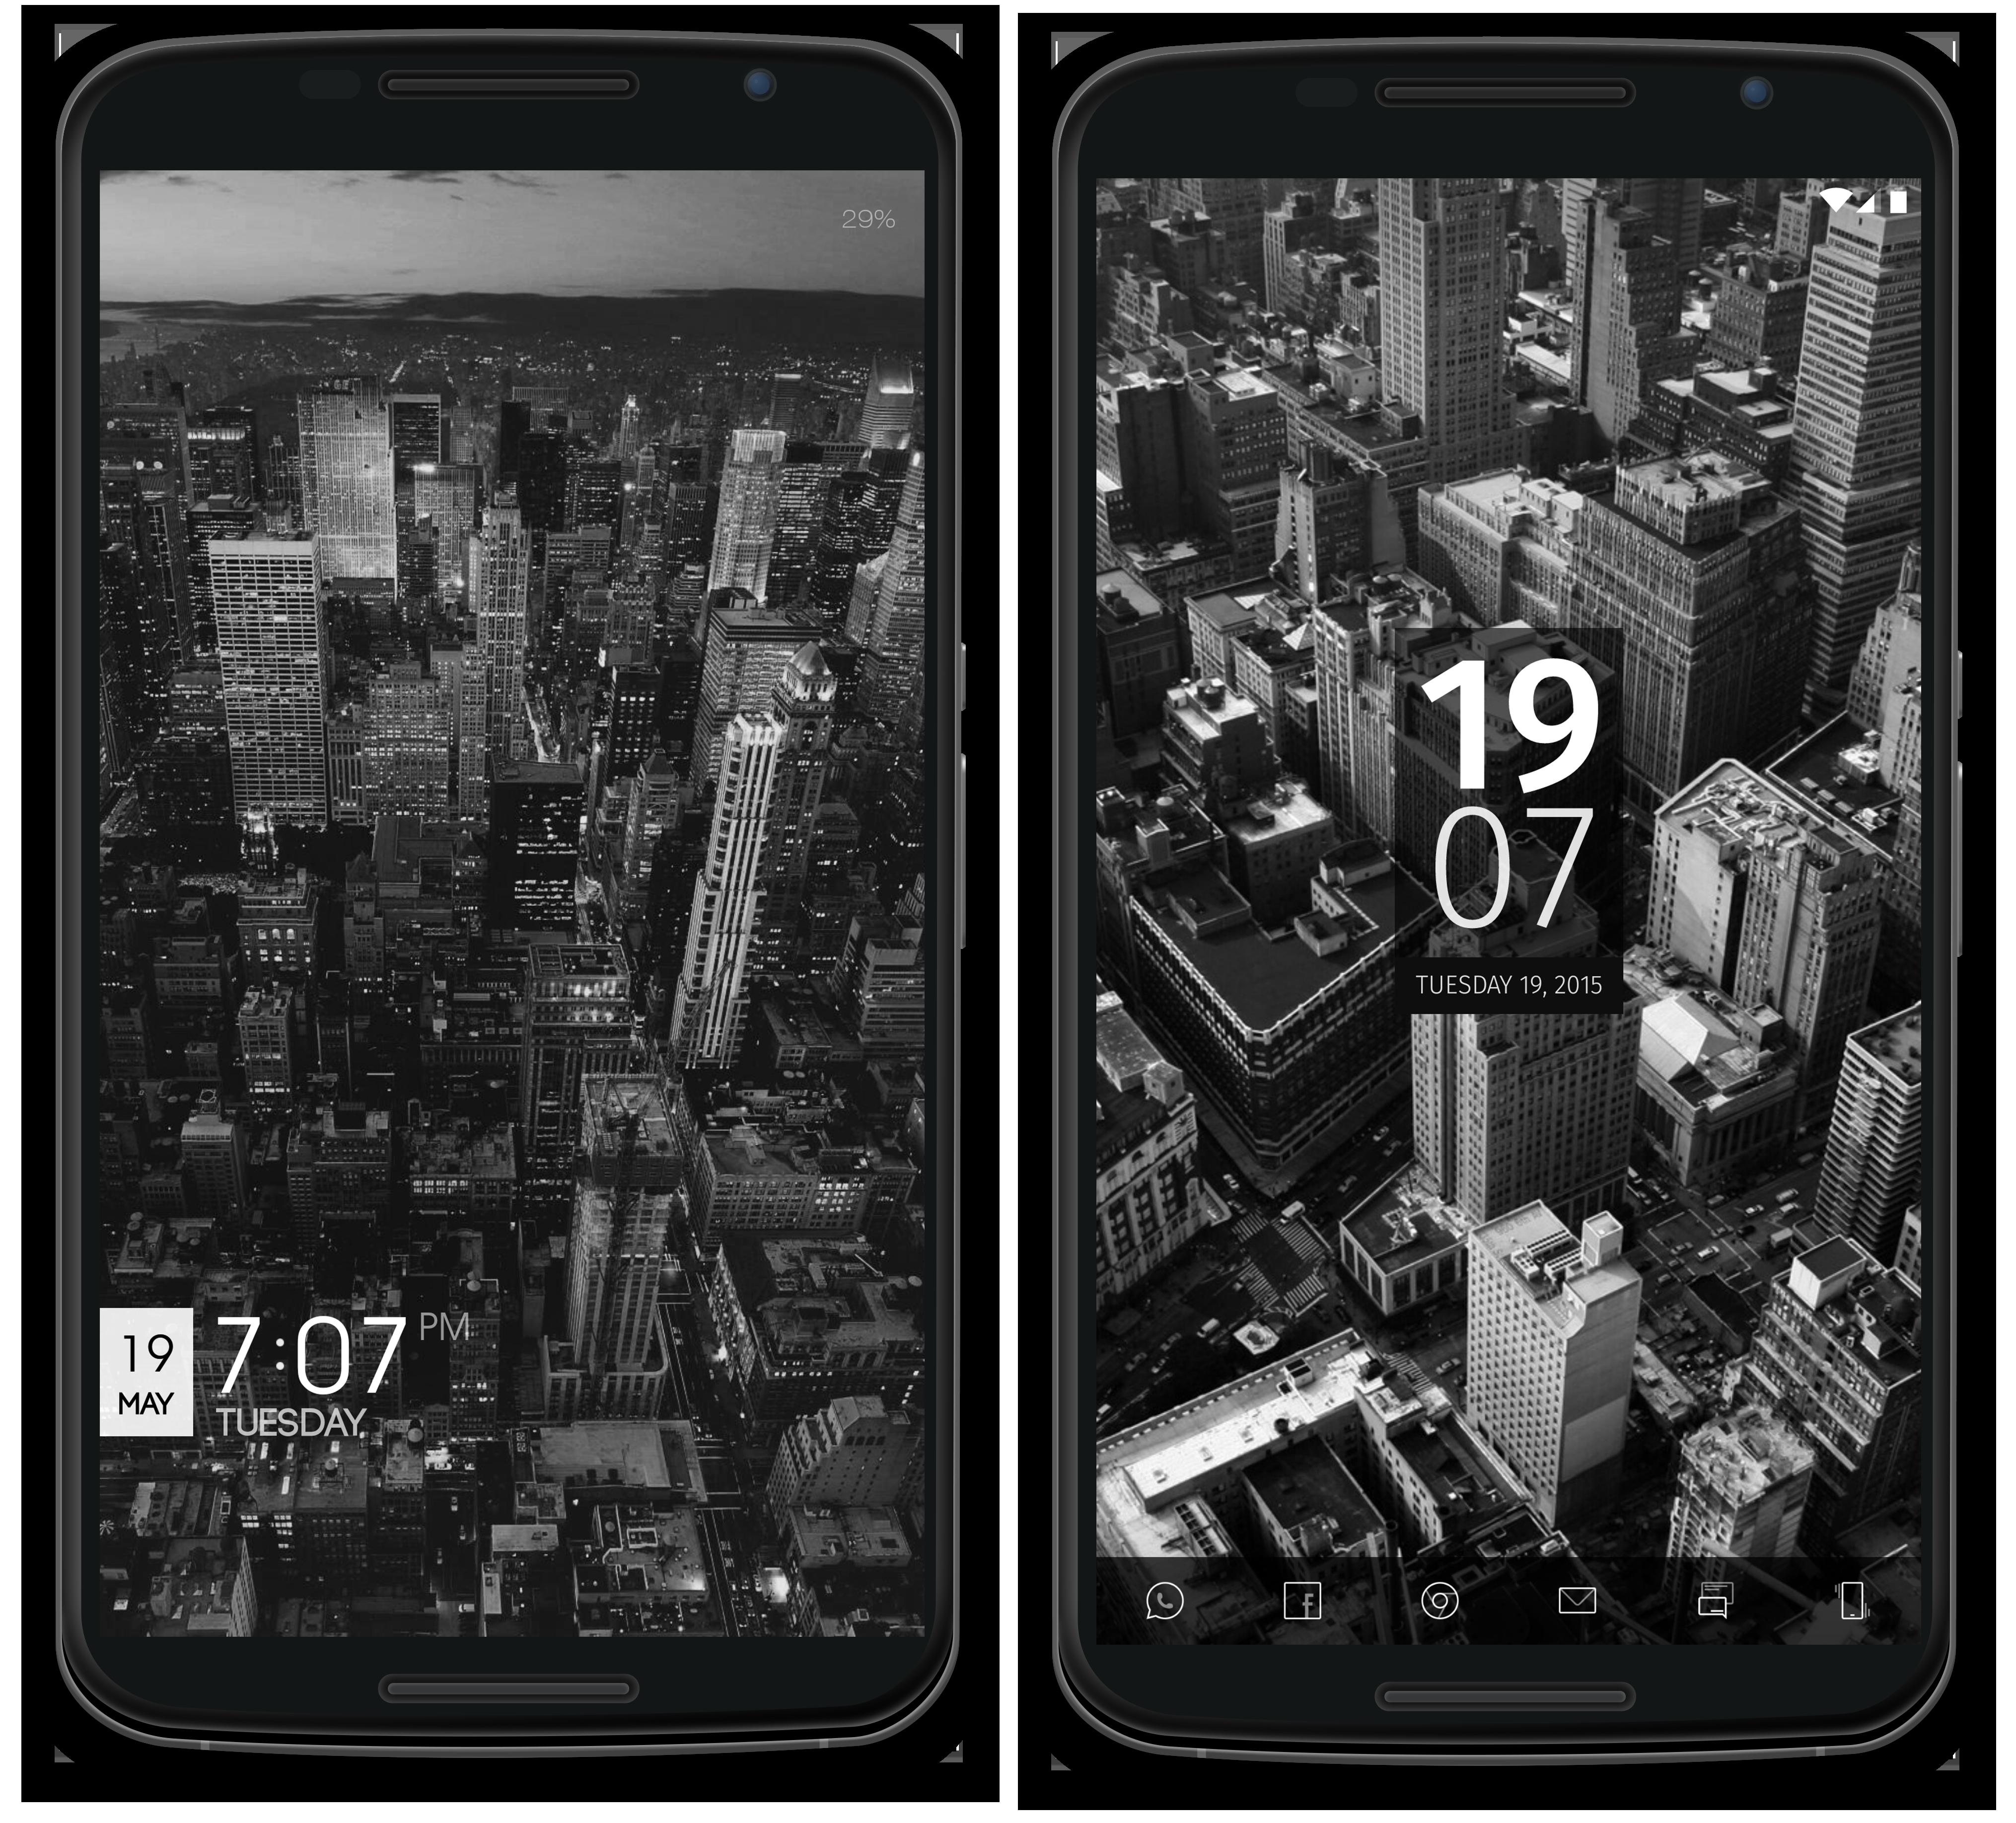 CityscapesXL by Kimba